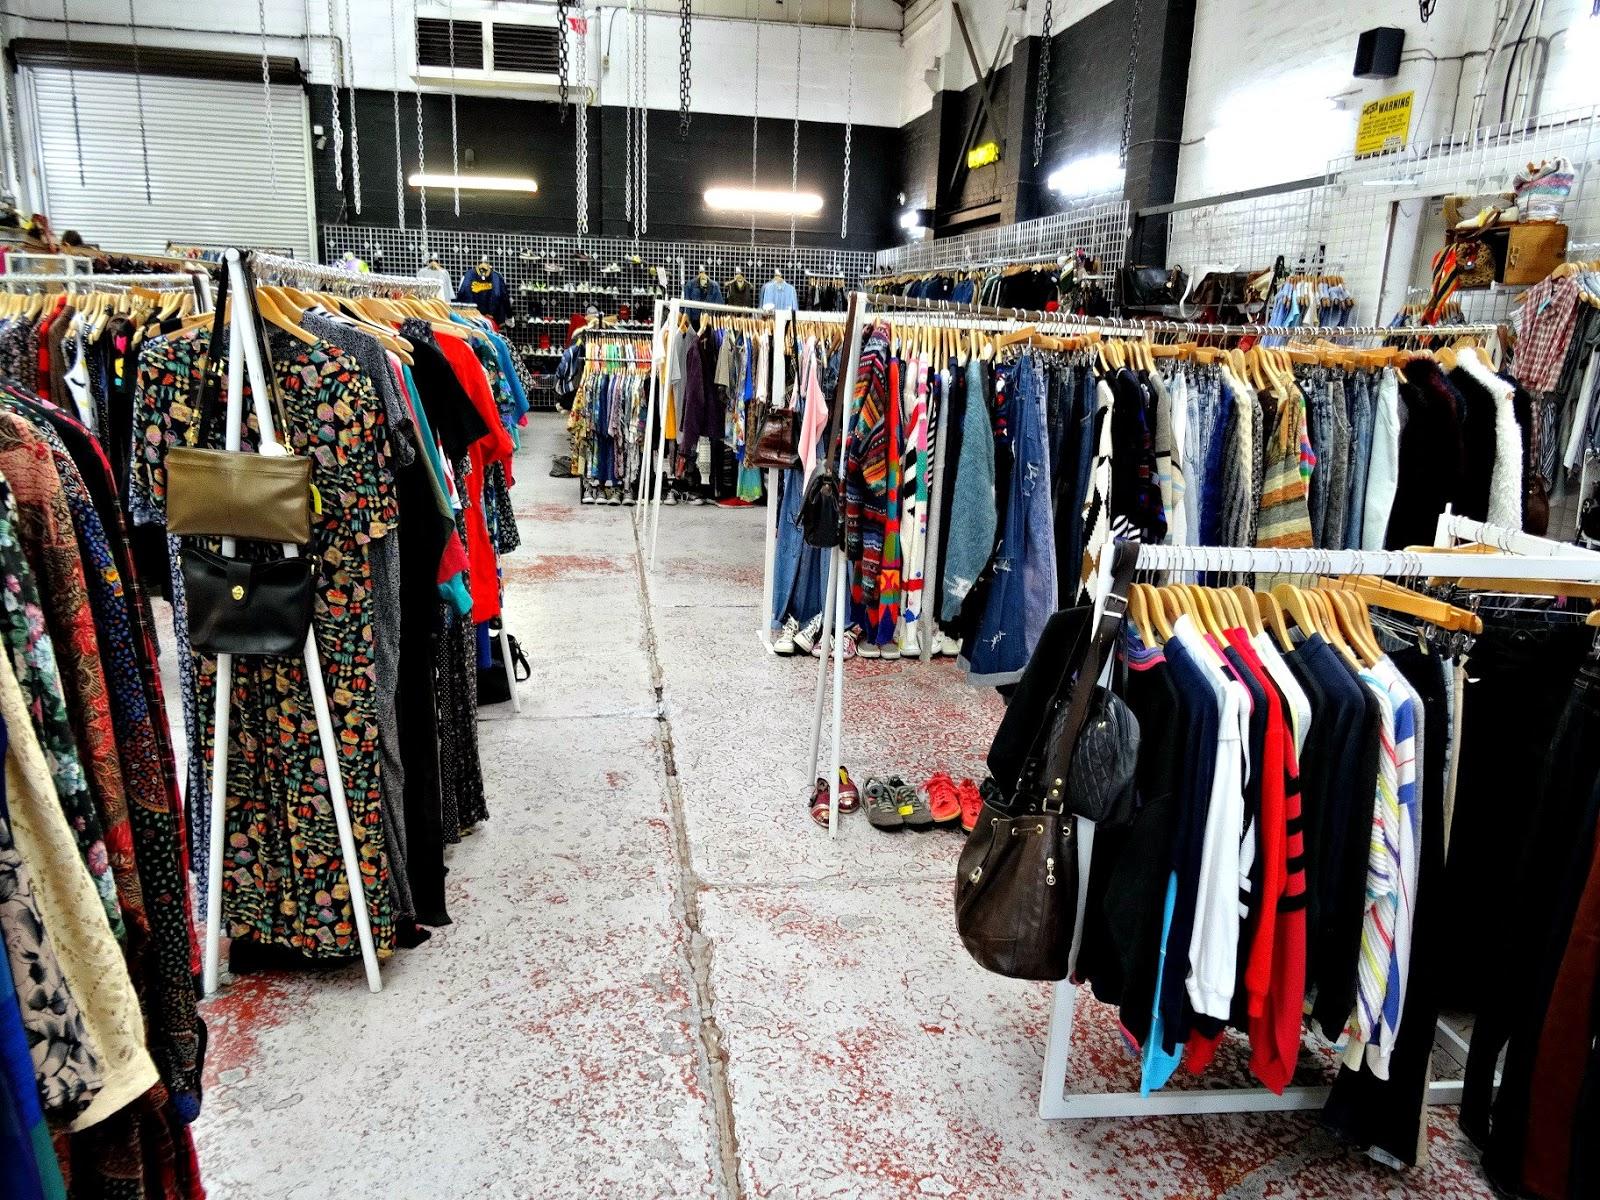 Cow Digbeth Vintage Fashion Shop in Birmingham